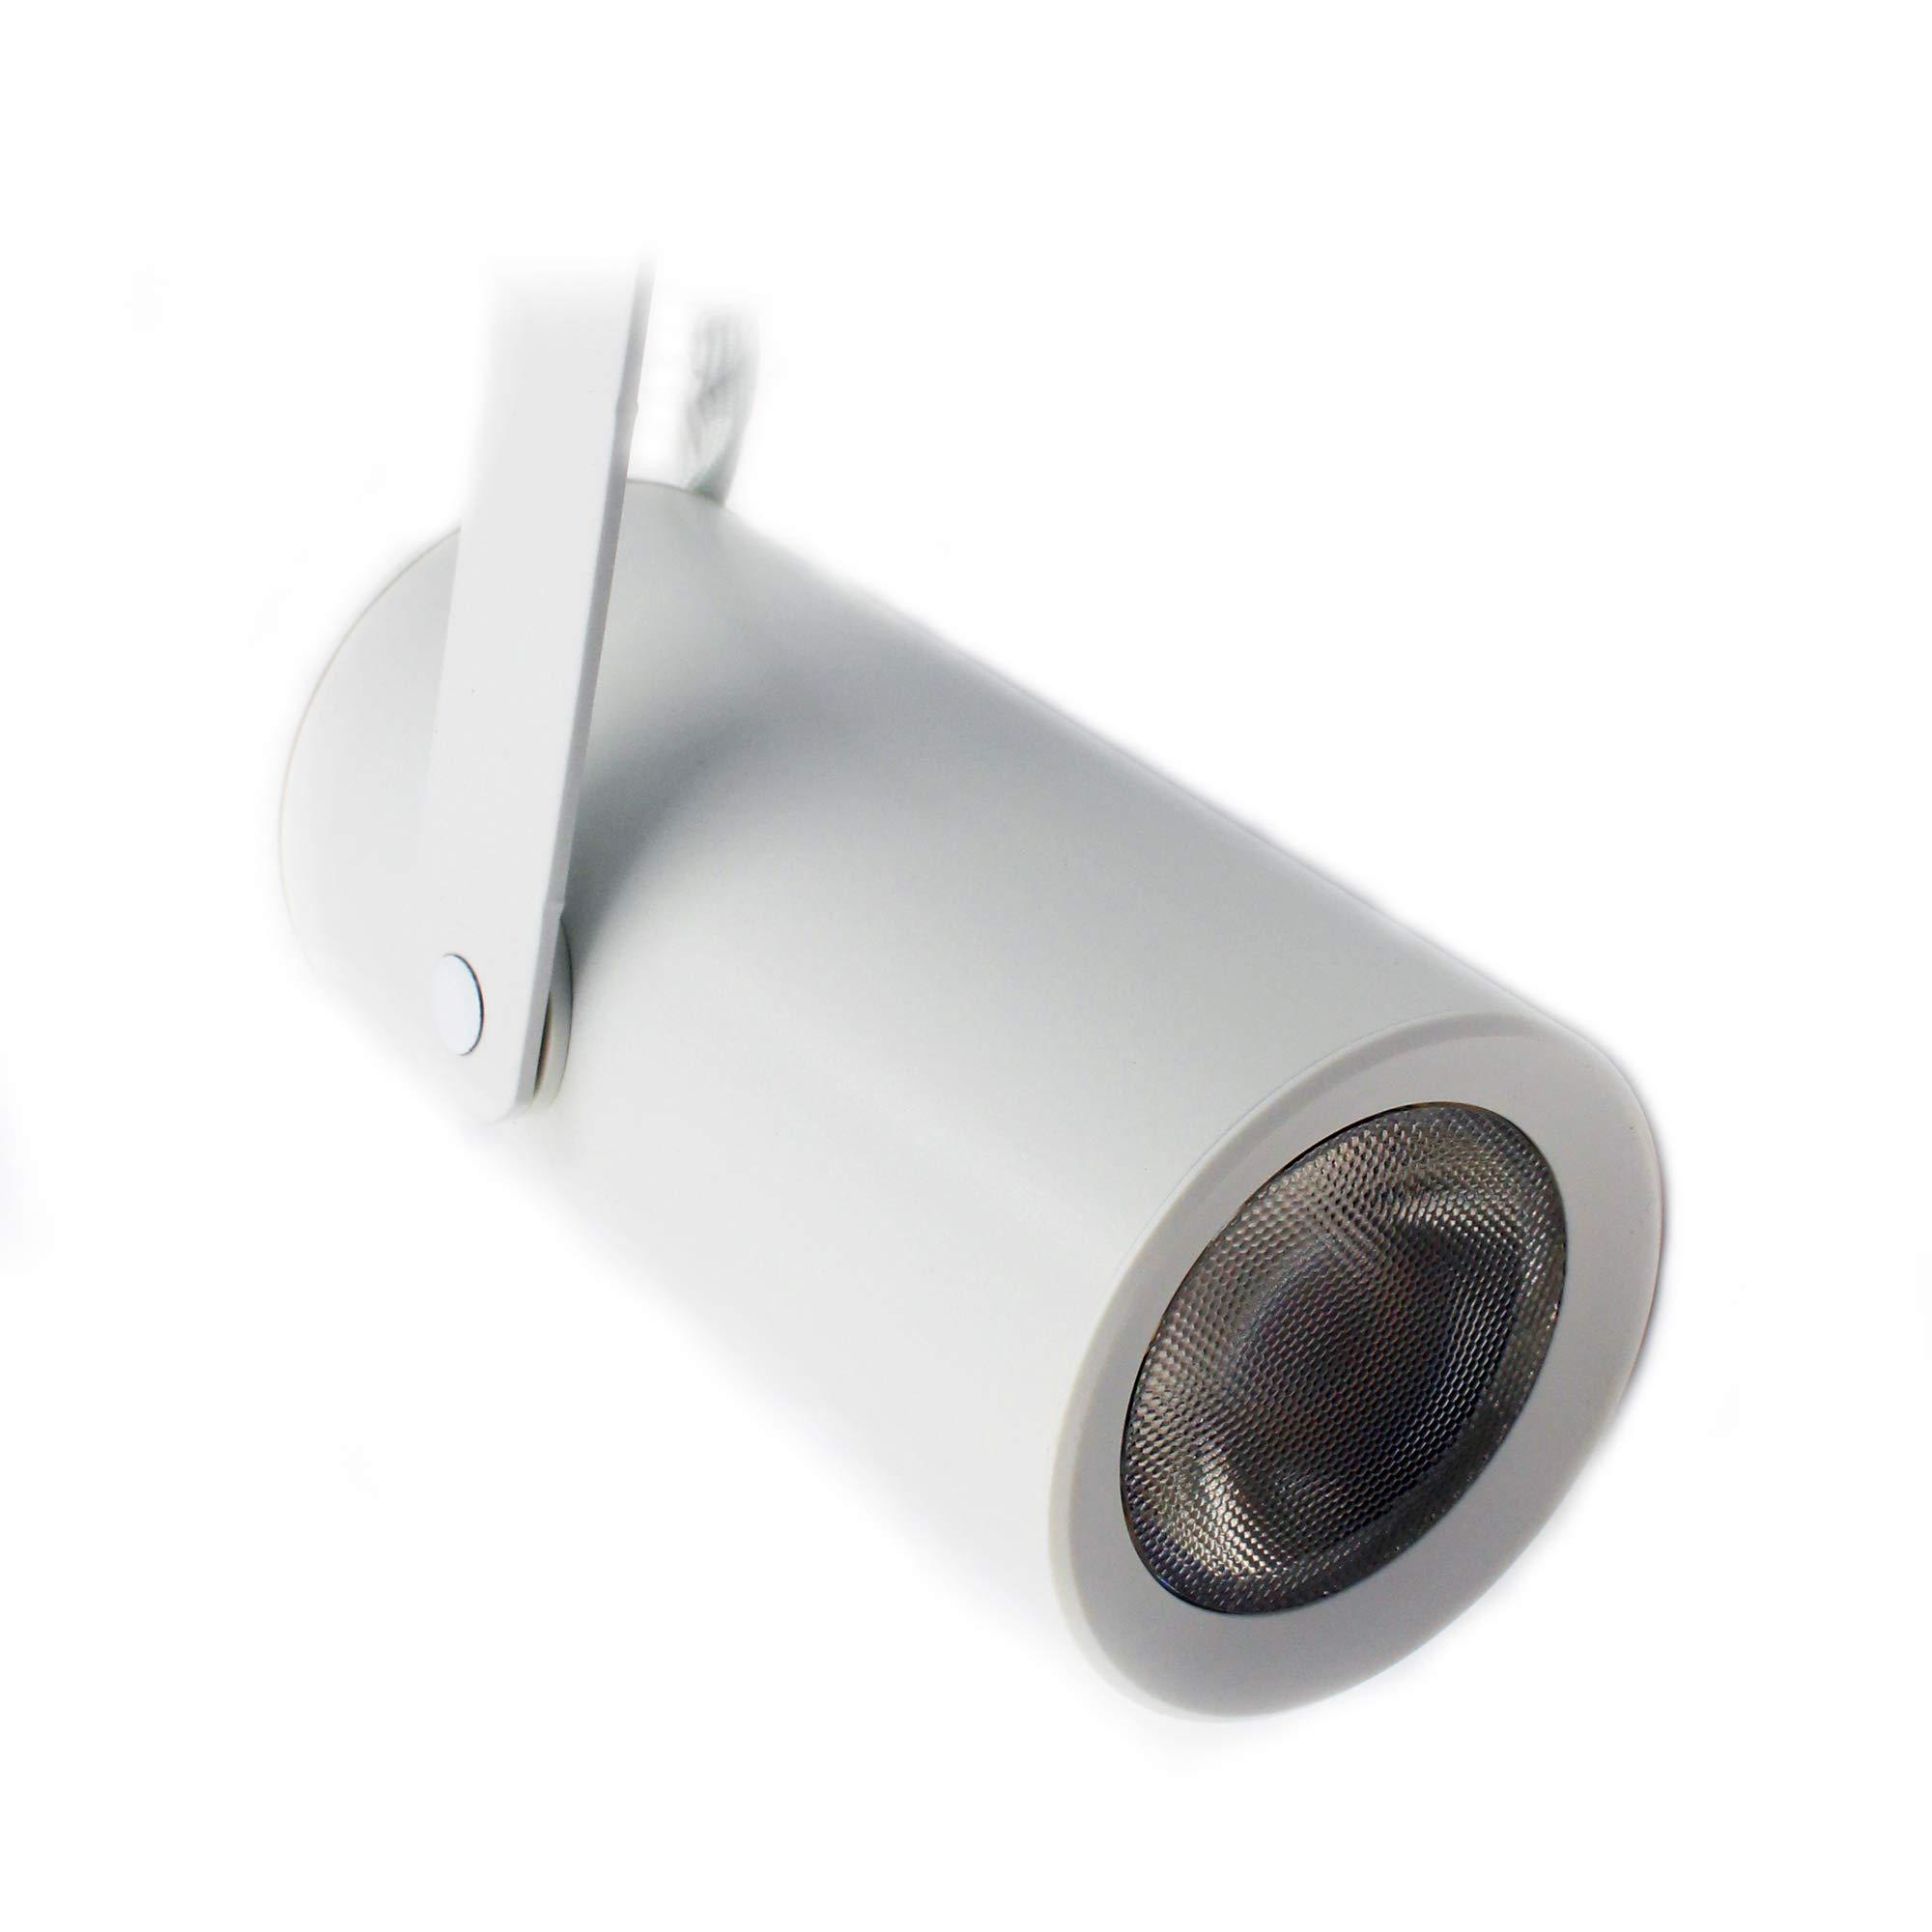 Lightolier LT08RWF830WHVA PROLed Track Lighting LED Mini Cylinder Head, Flood, 3000K, White